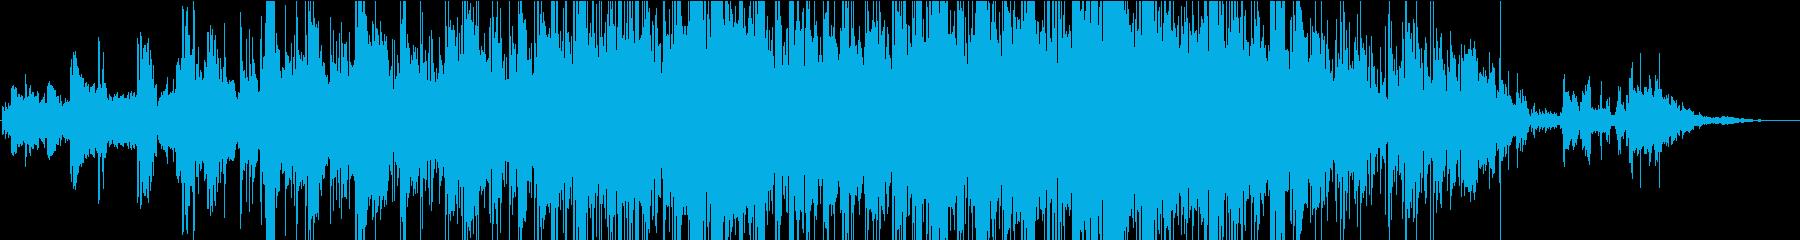 穏やかなインスト曲の再生済みの波形